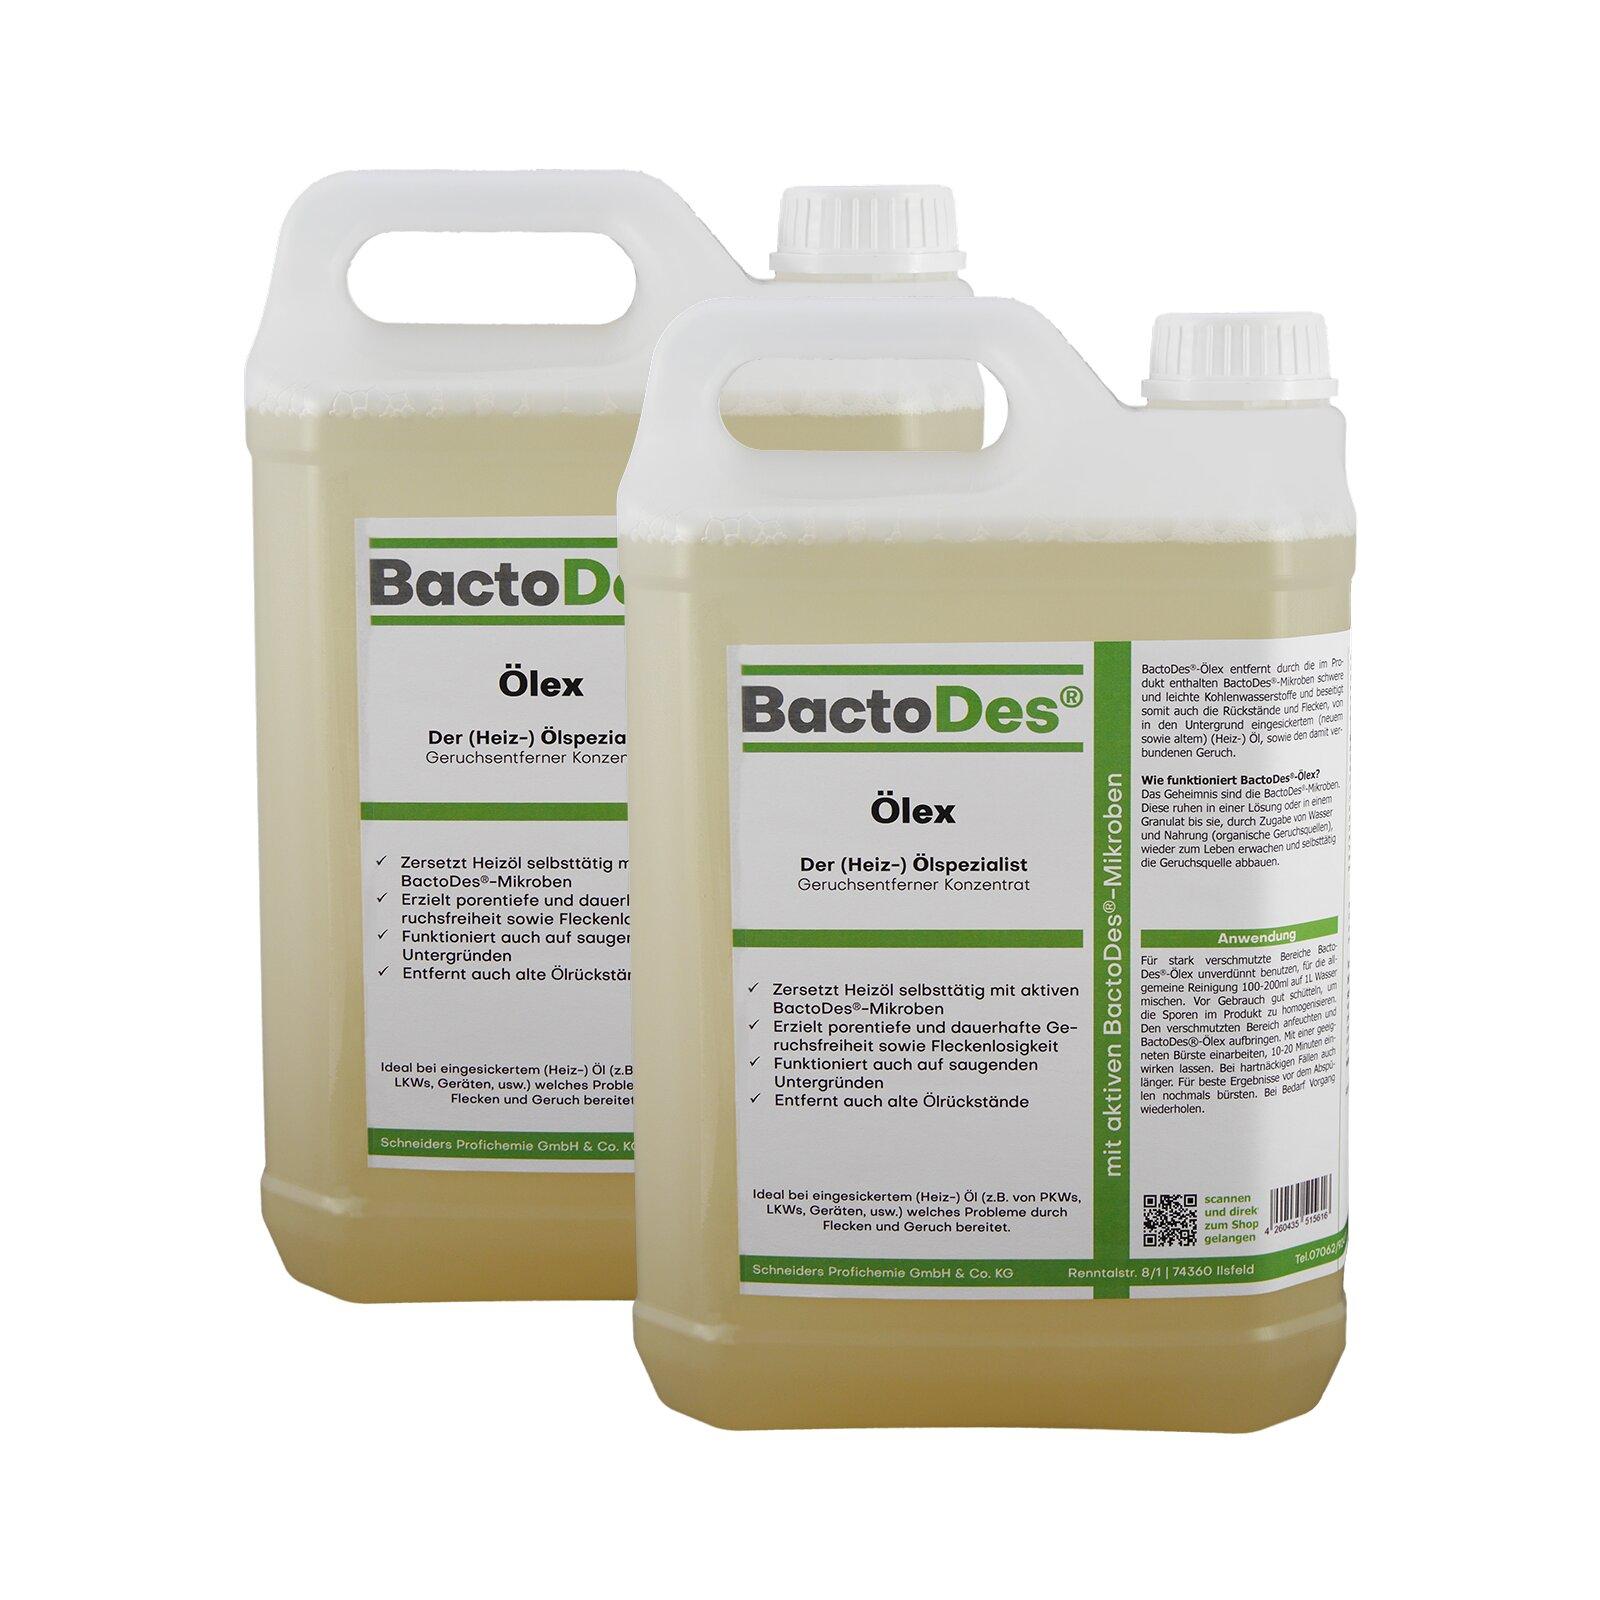 BactoDesÖlex Geruchsvernichter von Heizölgeruch und Ölfleckenentferner 10L